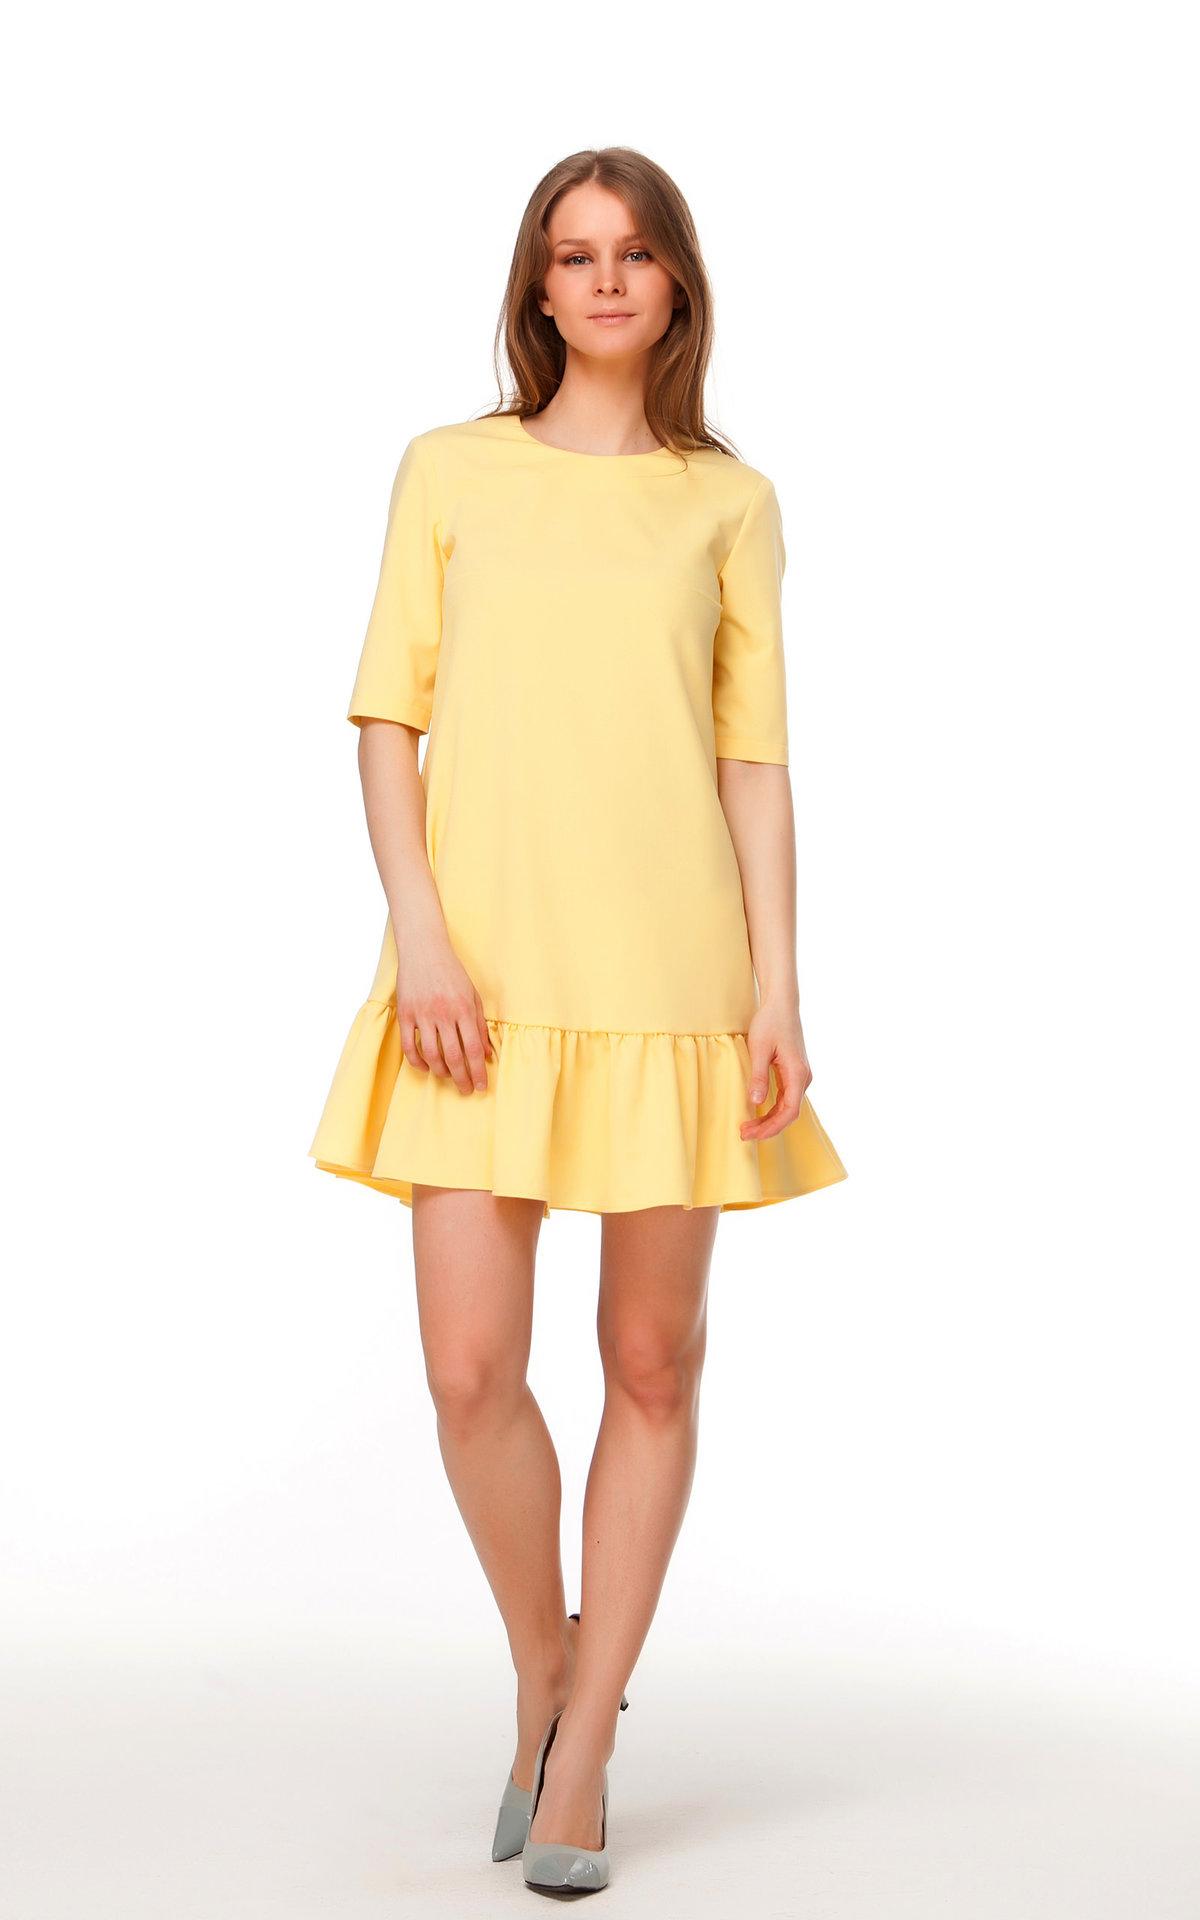 Выкройка платья с длинным рукавом - Все выкройки 6